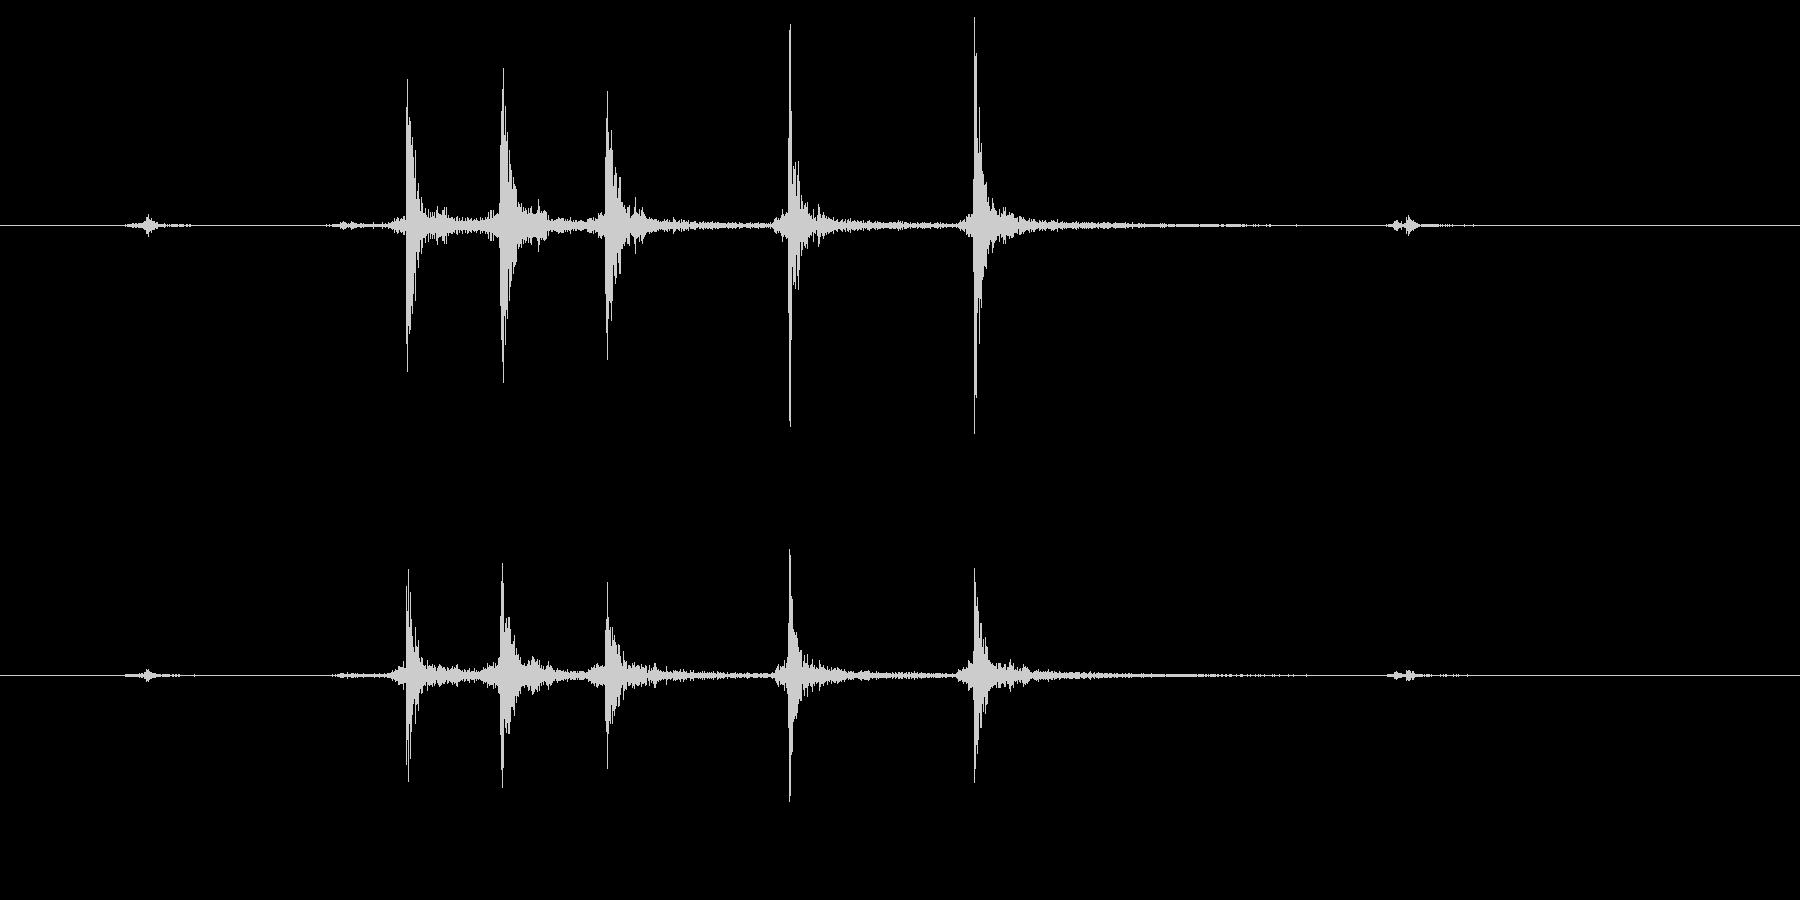 カッターの刃を出すの未再生の波形